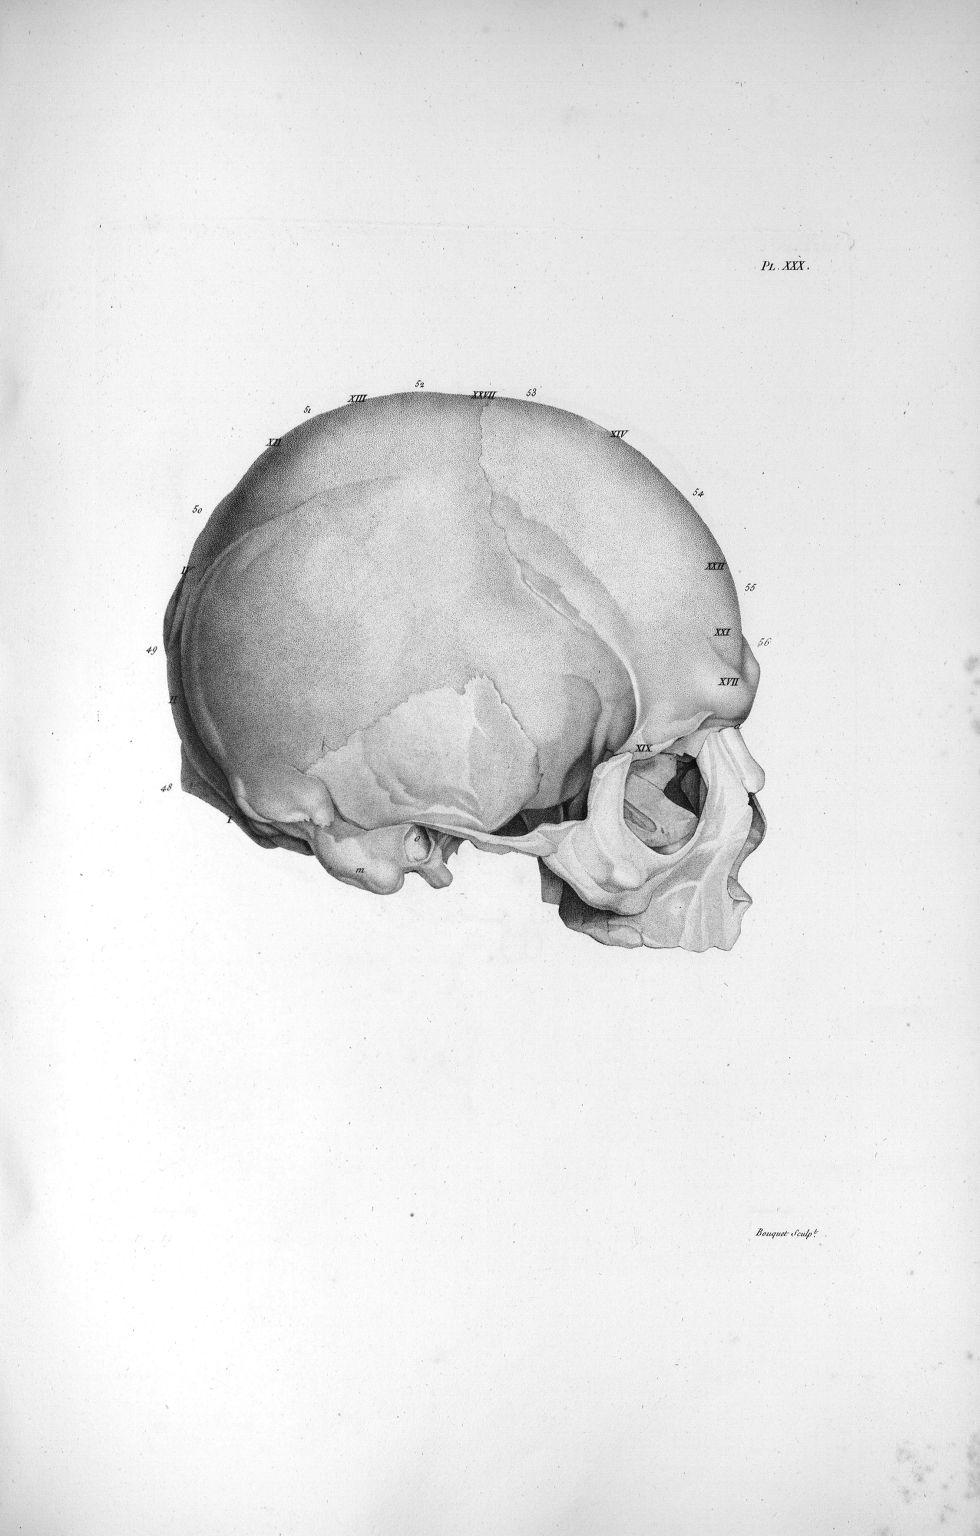 Pl. XXX. Beau crâne d'un ex-jésuite, grand prédicateur - Anatomie et physiologie du système nerveux  [...] - Anatomie. Neurologie. Crânes. Phrénologie. 19e siècle (France) - med00575xatlasx0040